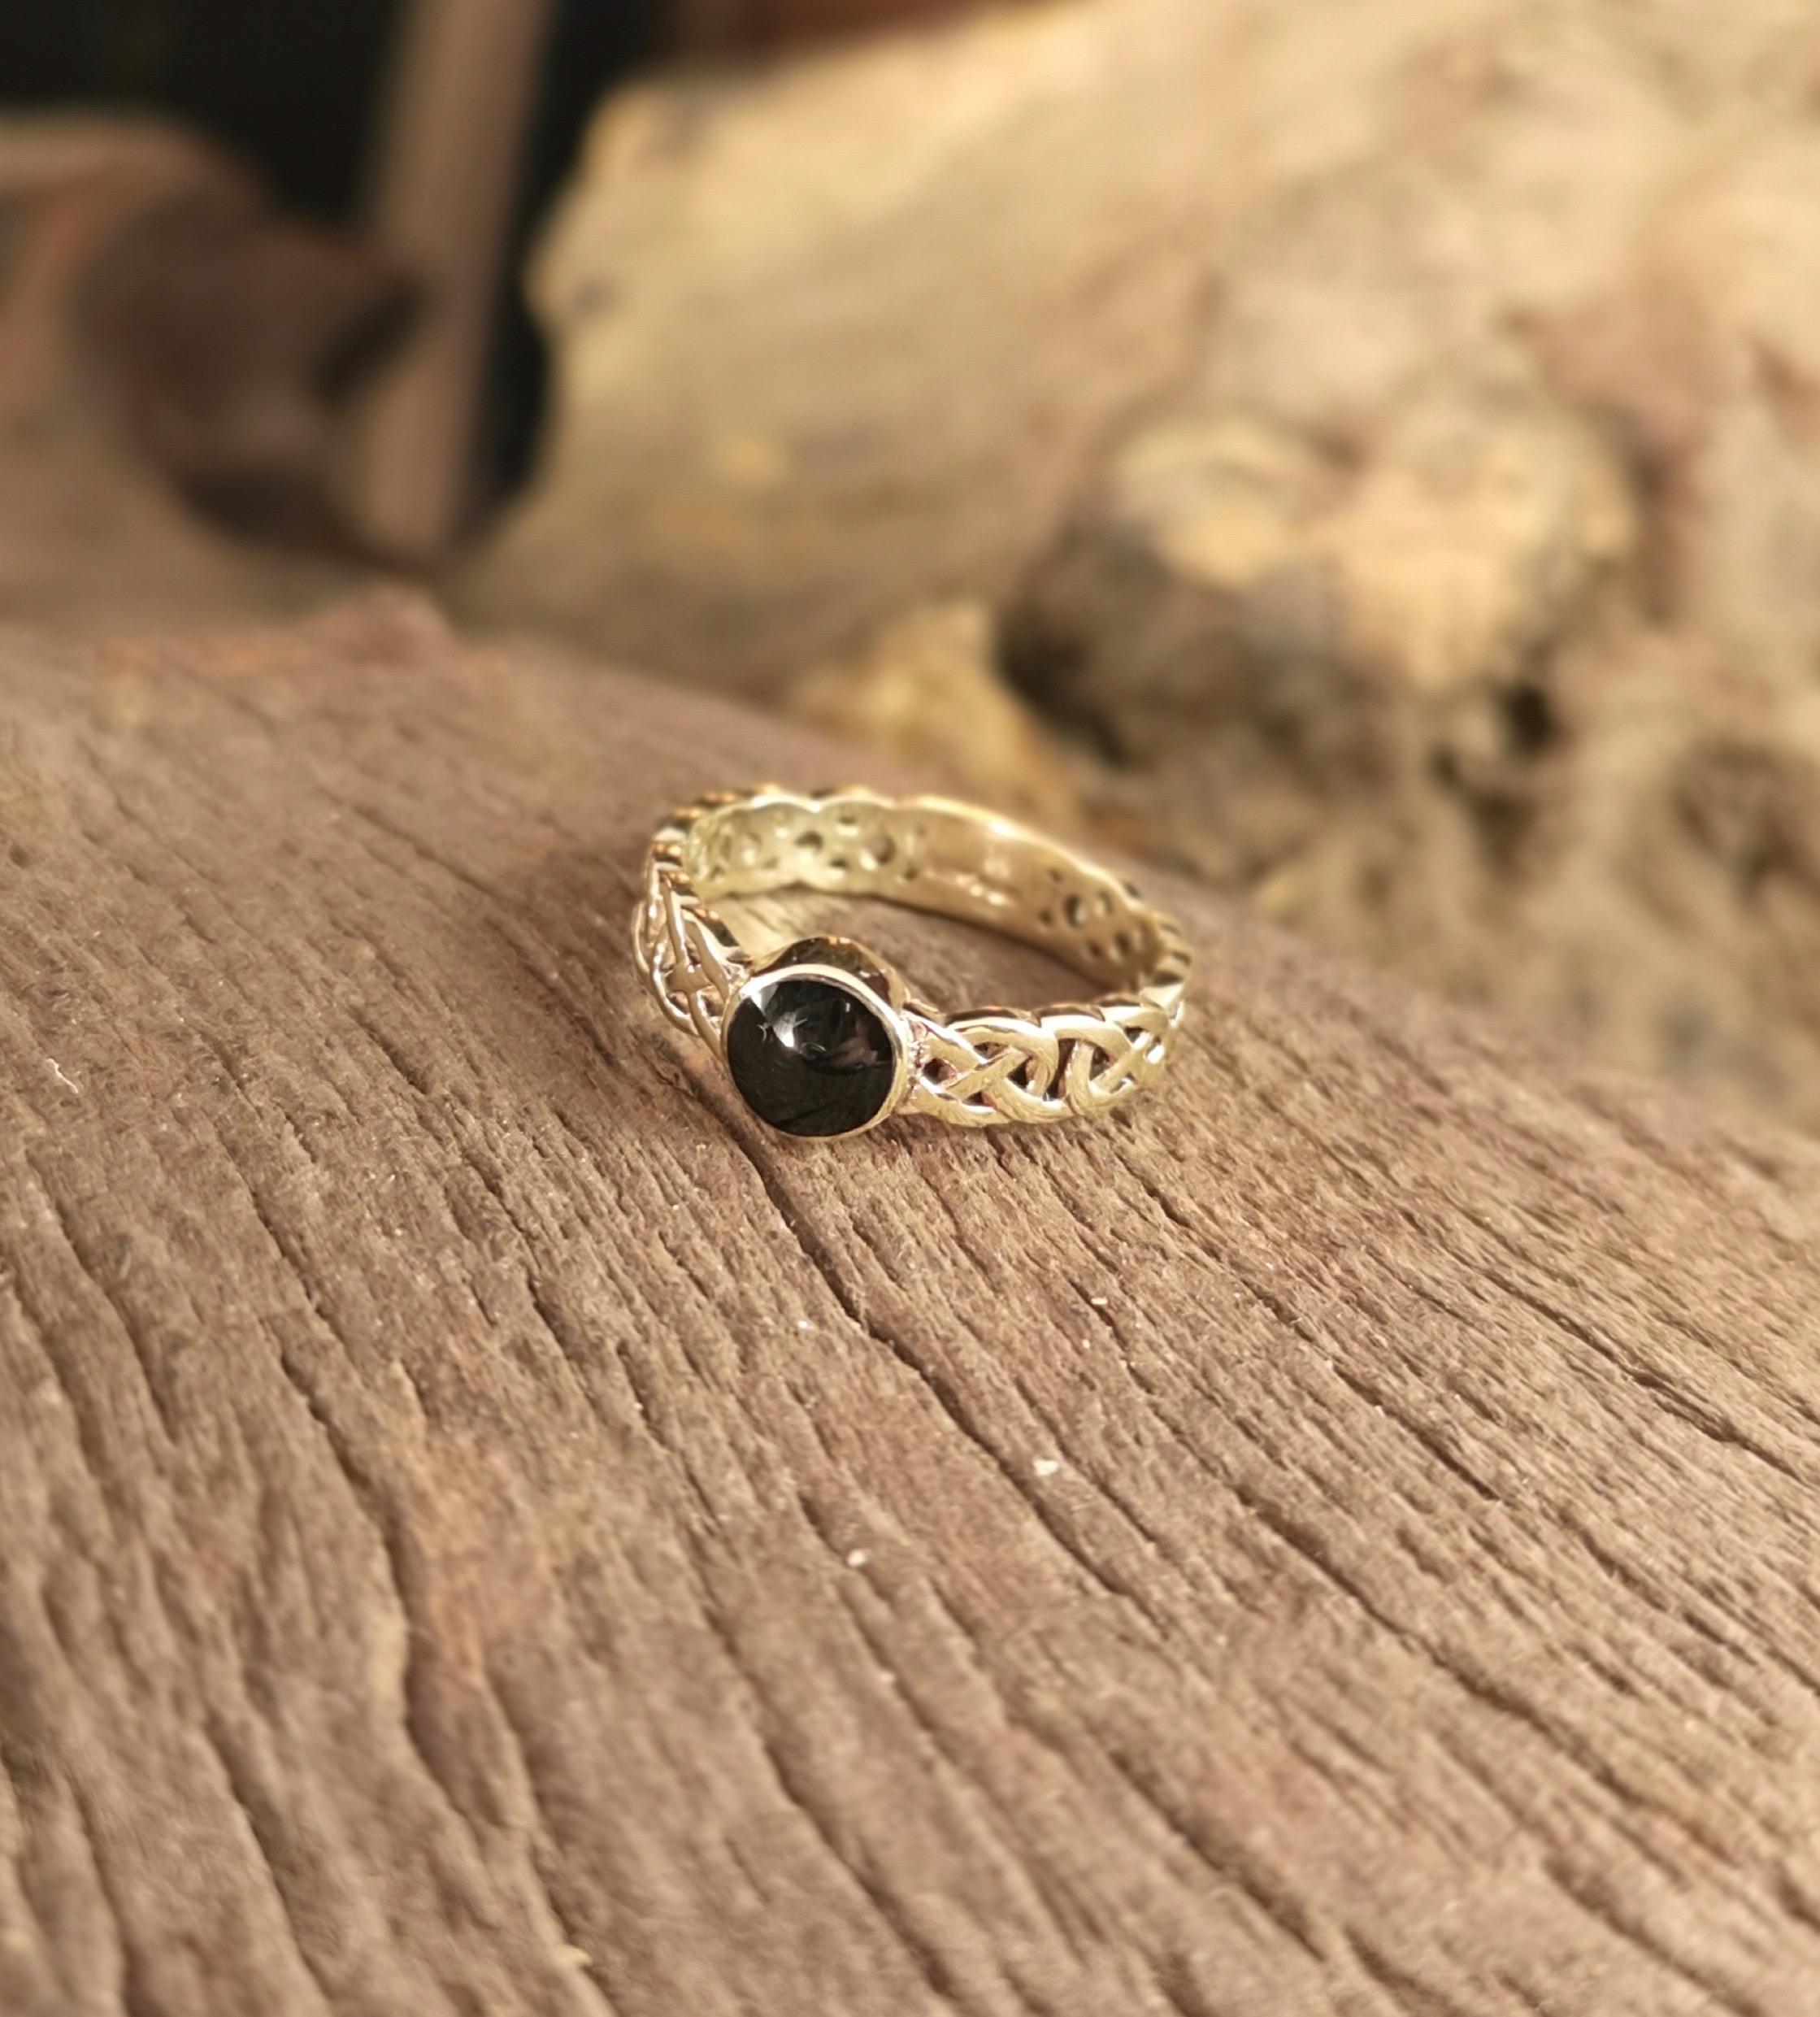 9ct Gold Ladies Wedding Ring